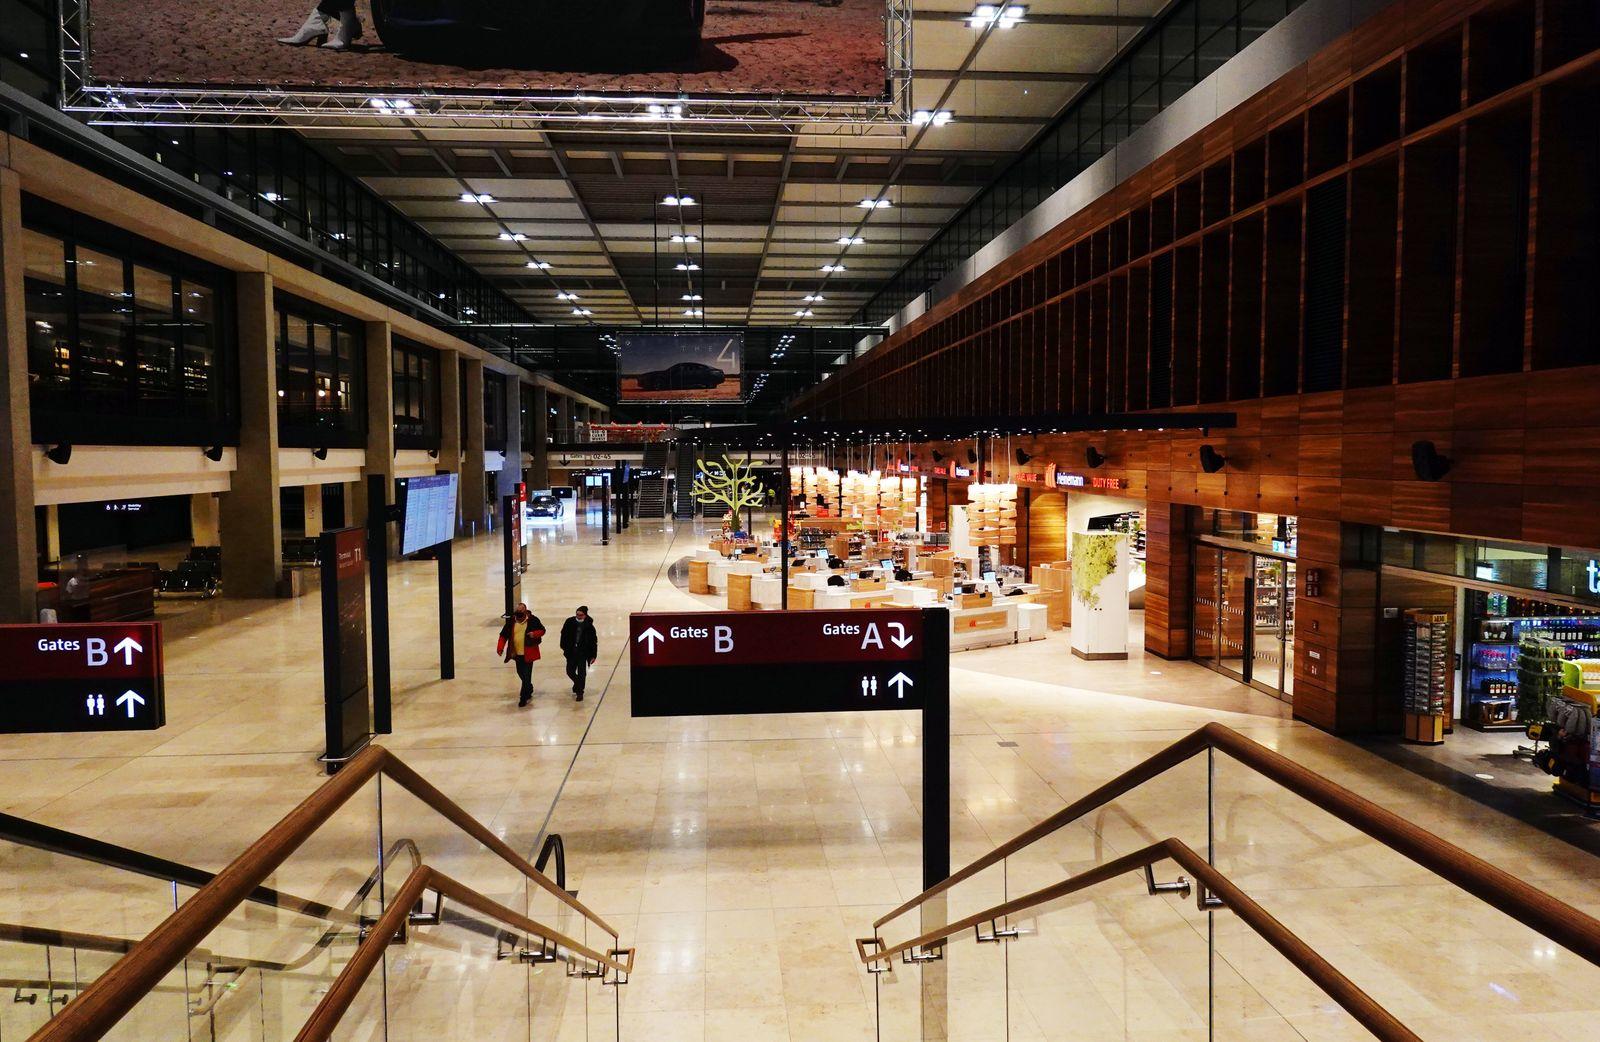 17.02.2021, Schoenefeld, Brandenburg, GER - Nur wenige Passagiere verlieren sich in Zeiten der Coronakrise im Terminal